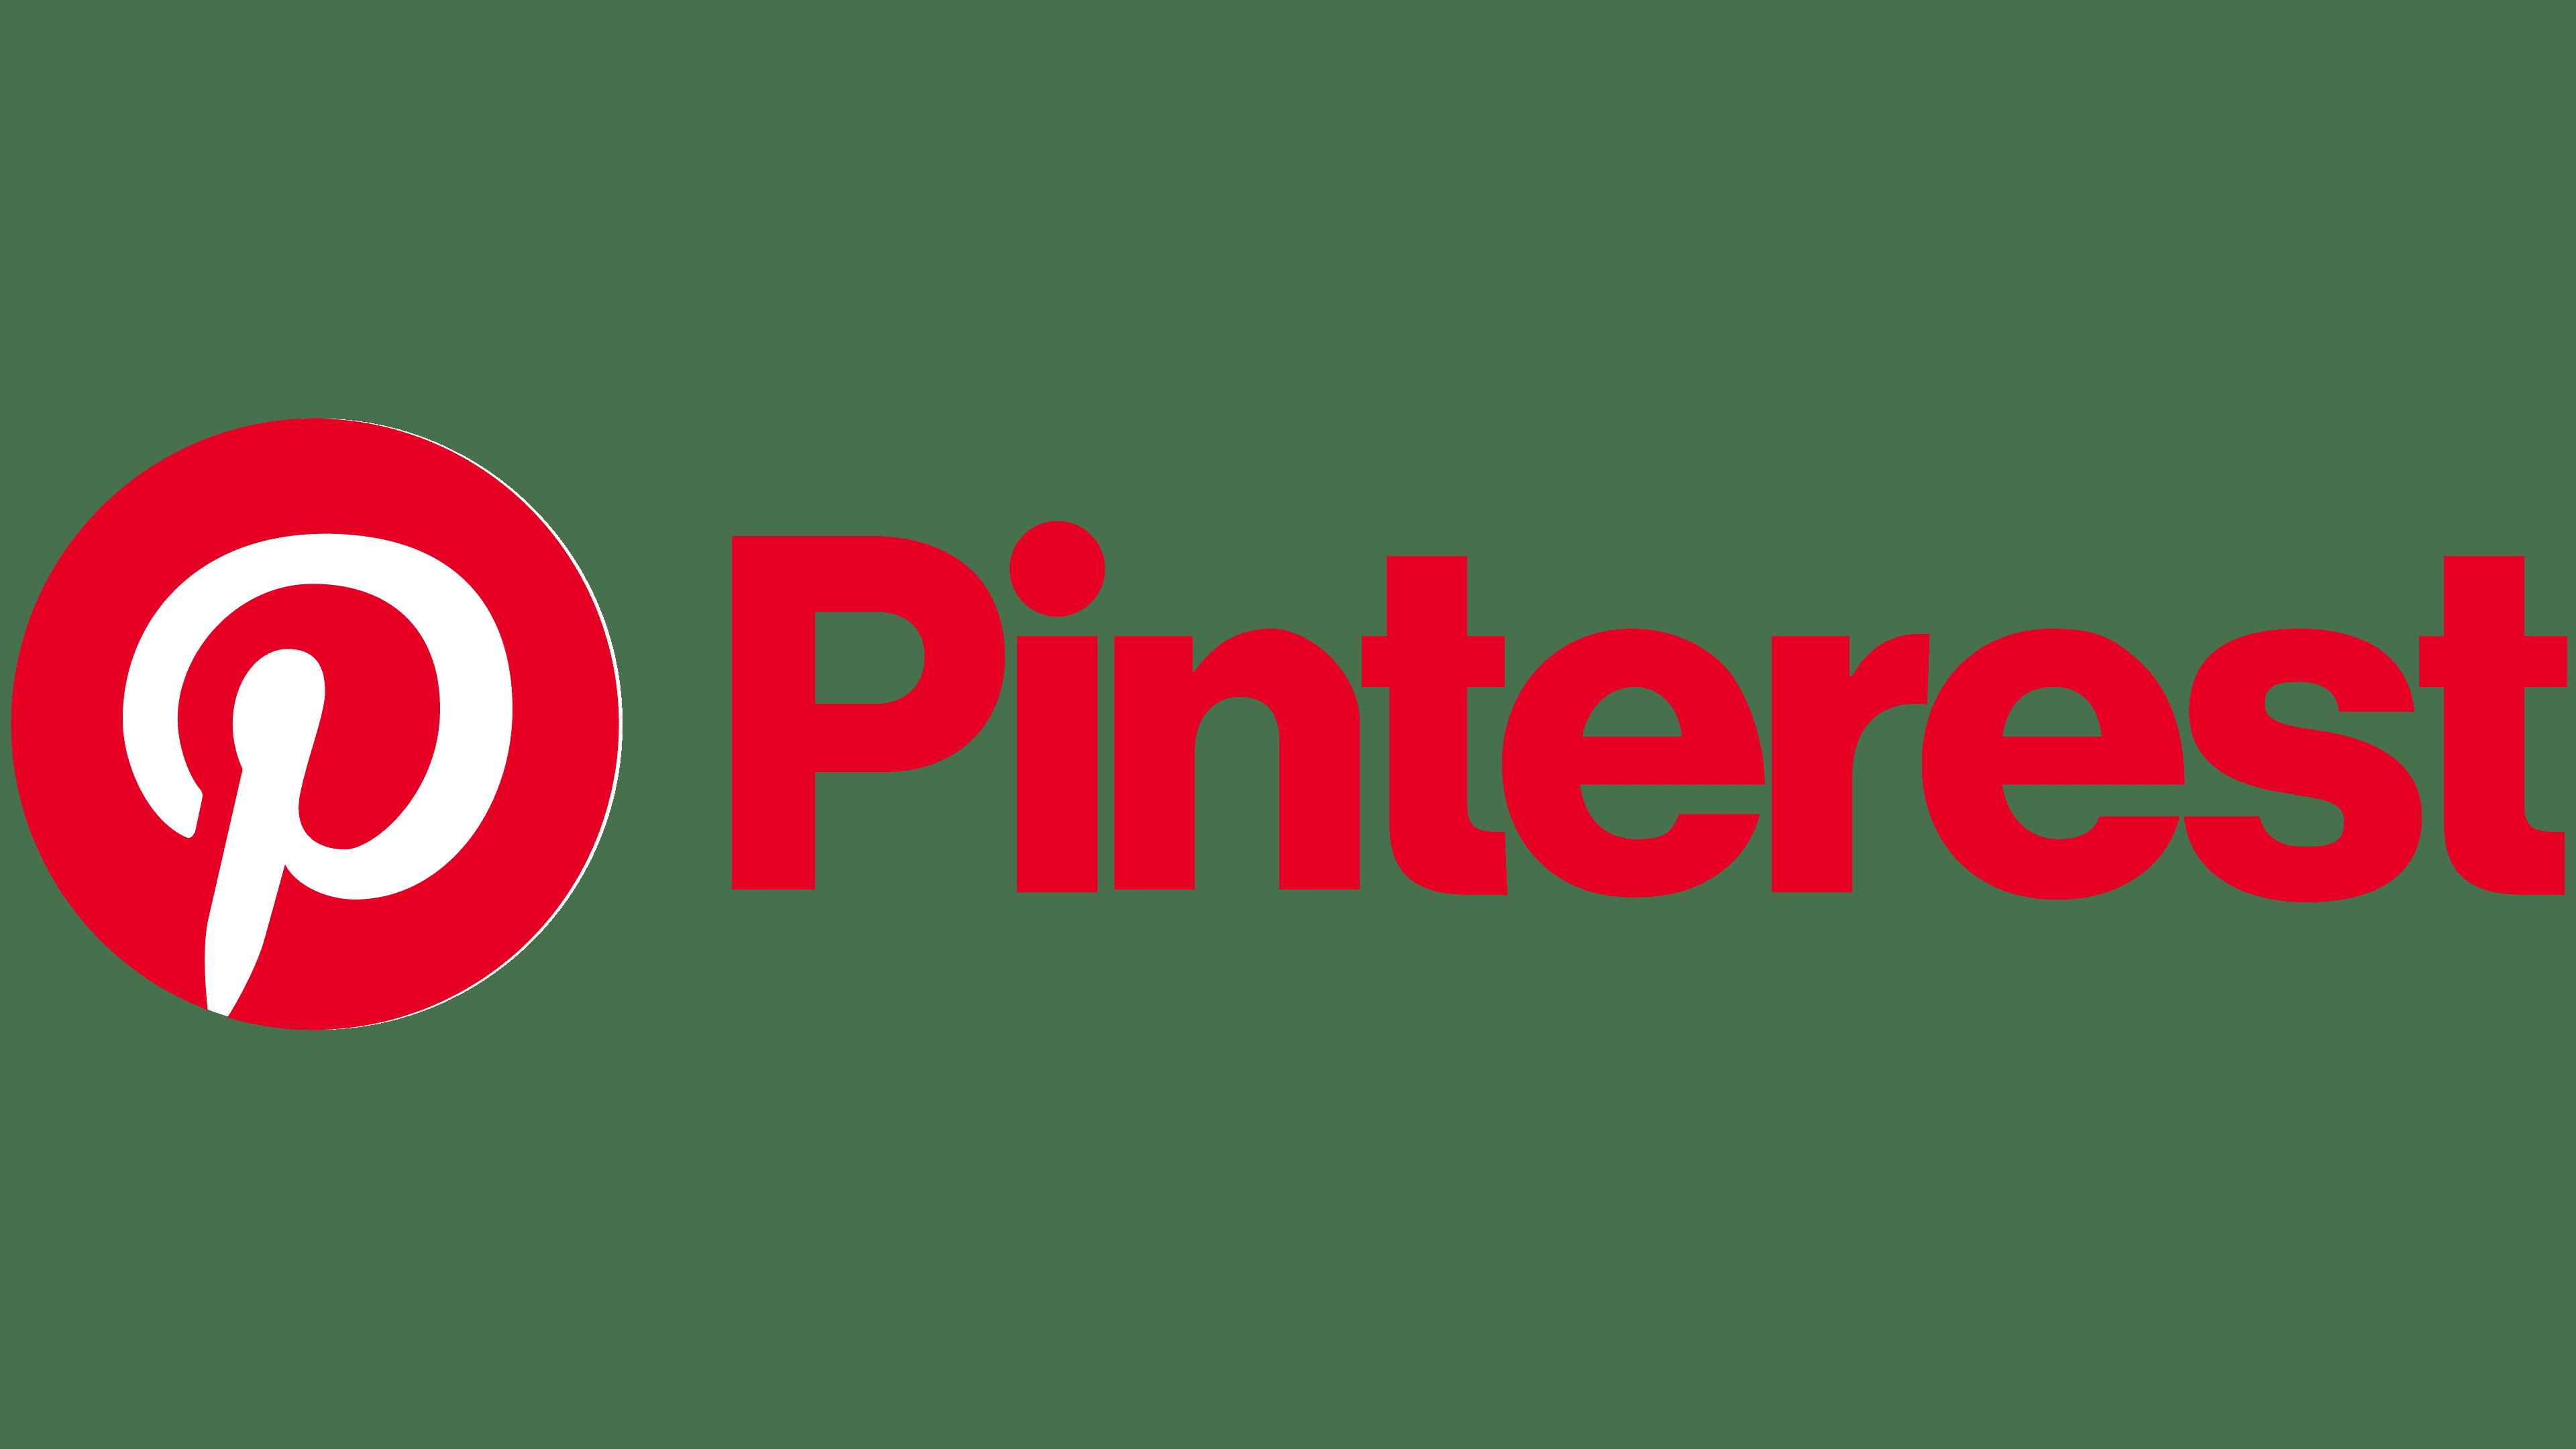 Pinterest, Long media